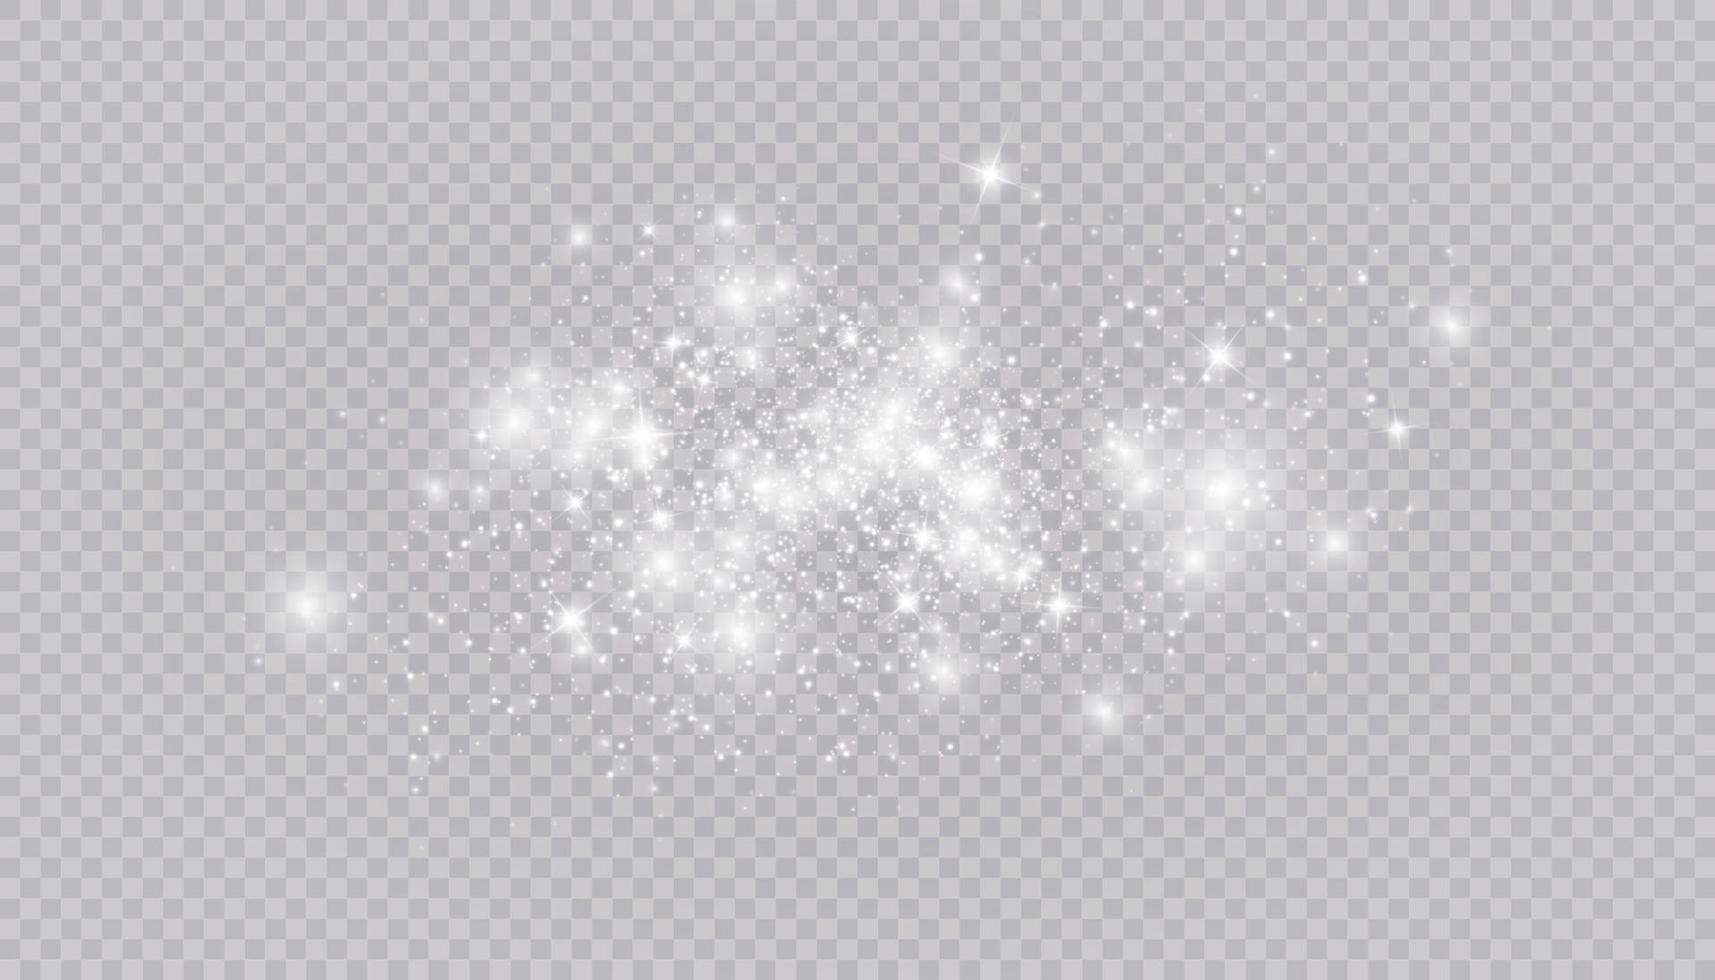 gloeiend lichteffect met veel geïsoleerde glitterdeeltjes. vector sterrenwolk met stof. magische kerstversiering